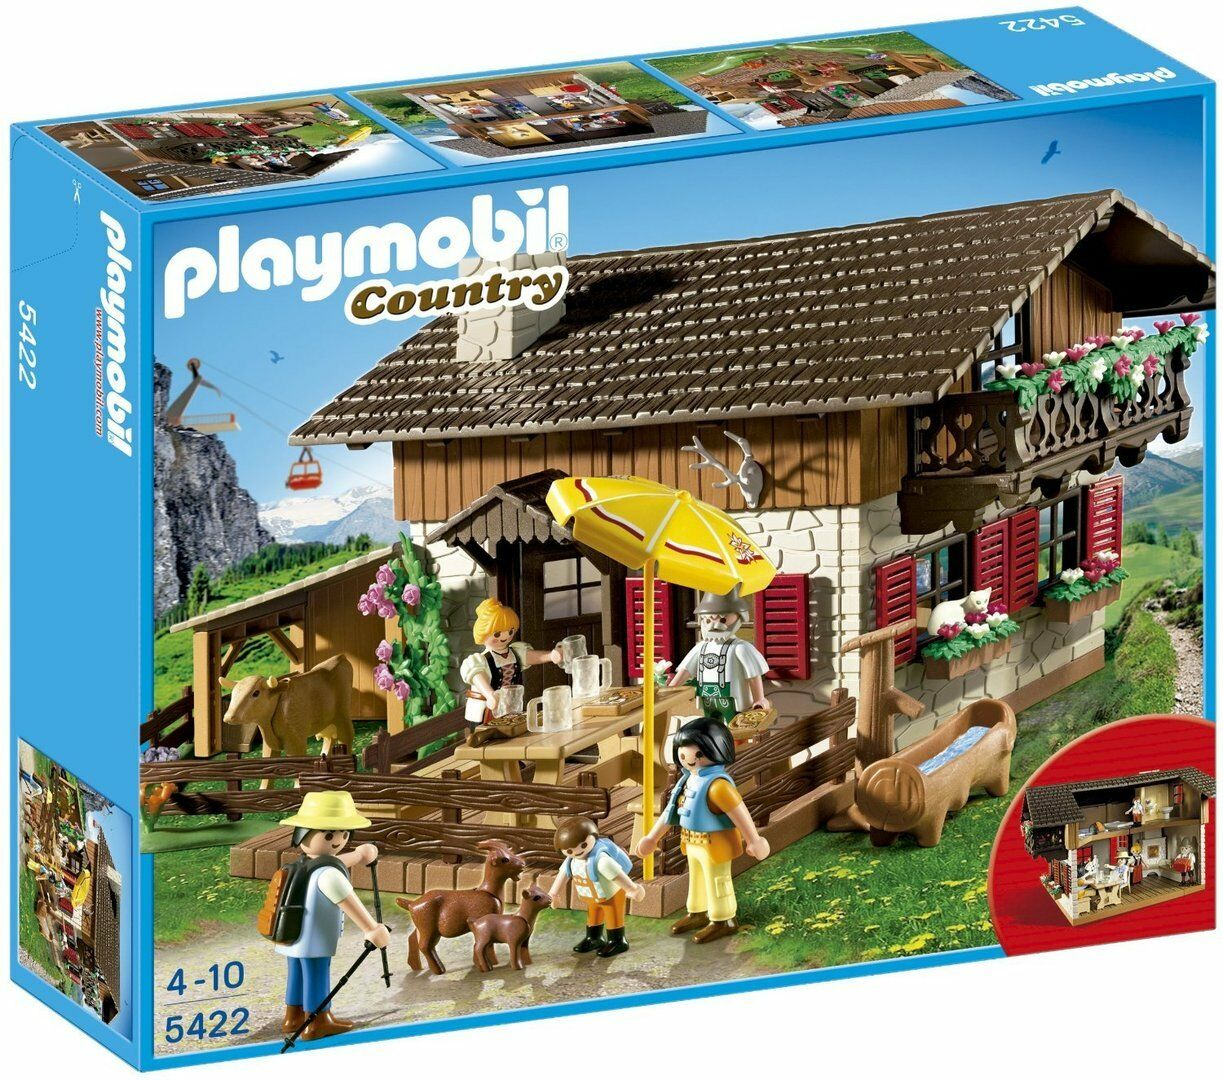 Playmobil 5422 - Casa de los Alpes - Country - NUEVO